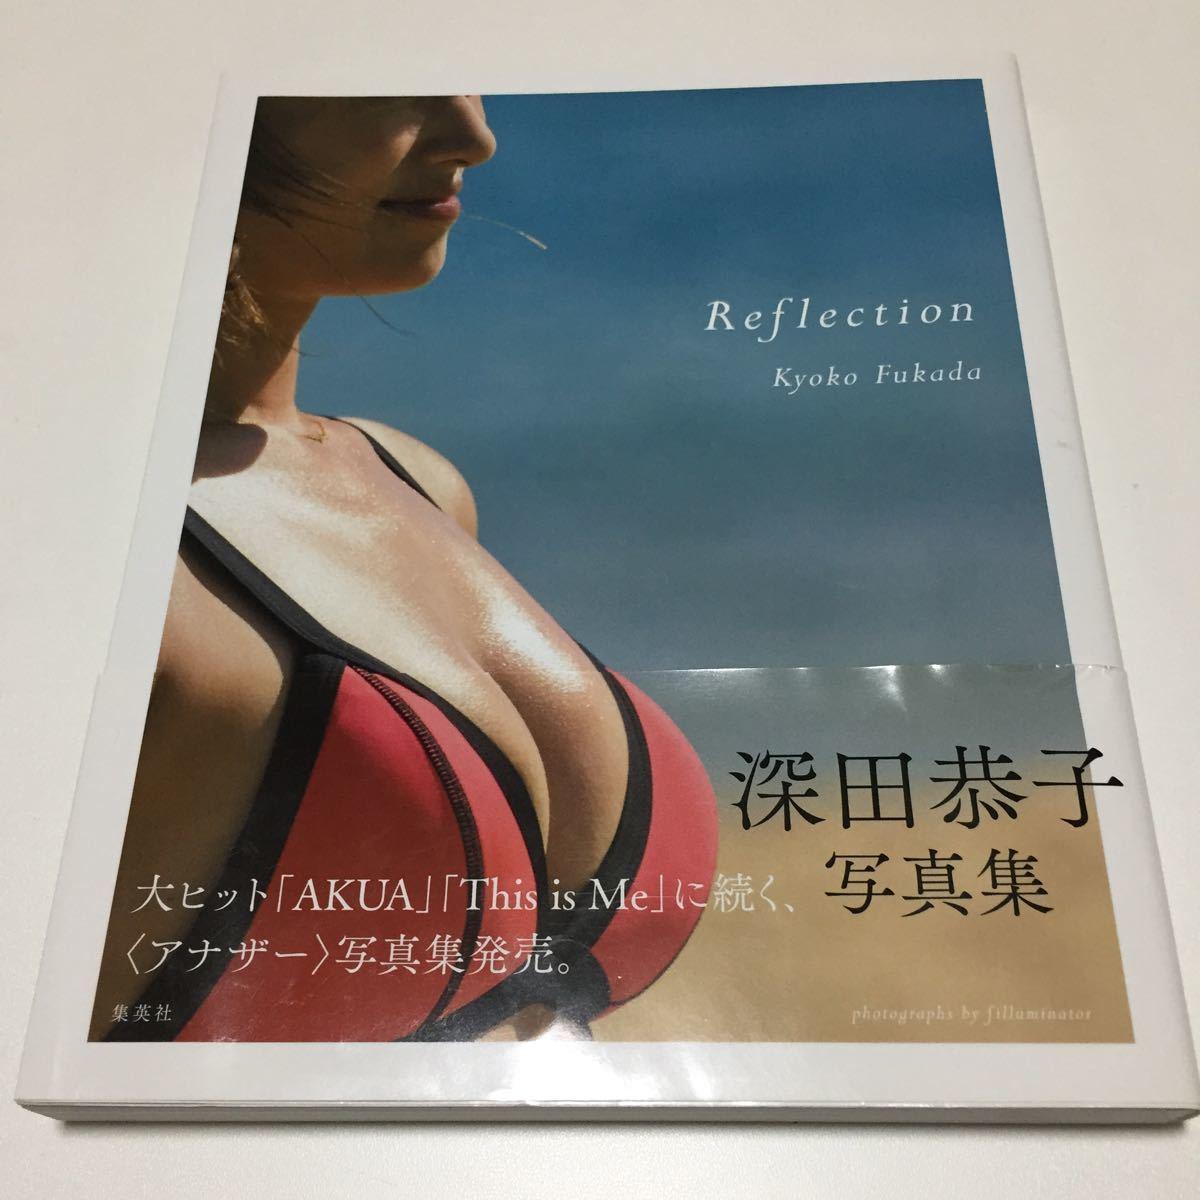 深田恭子写真集 「Reflection」